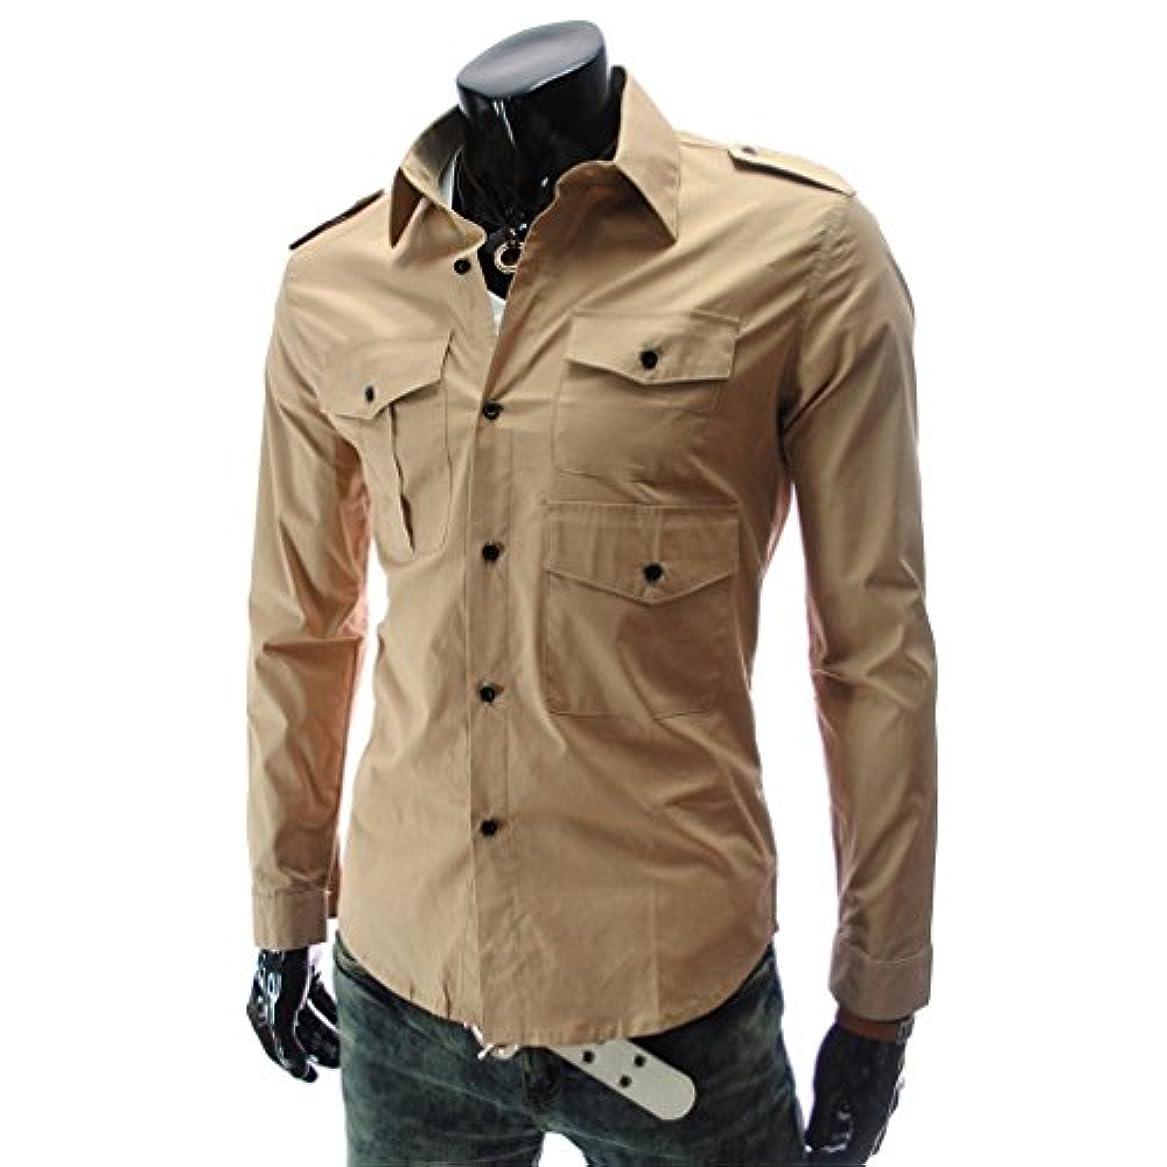 パット植木制限されたHonghu メンズ シャツ 長袖 マルチポケット バッジ スリム カジュアル カーキ 2XL 1PC